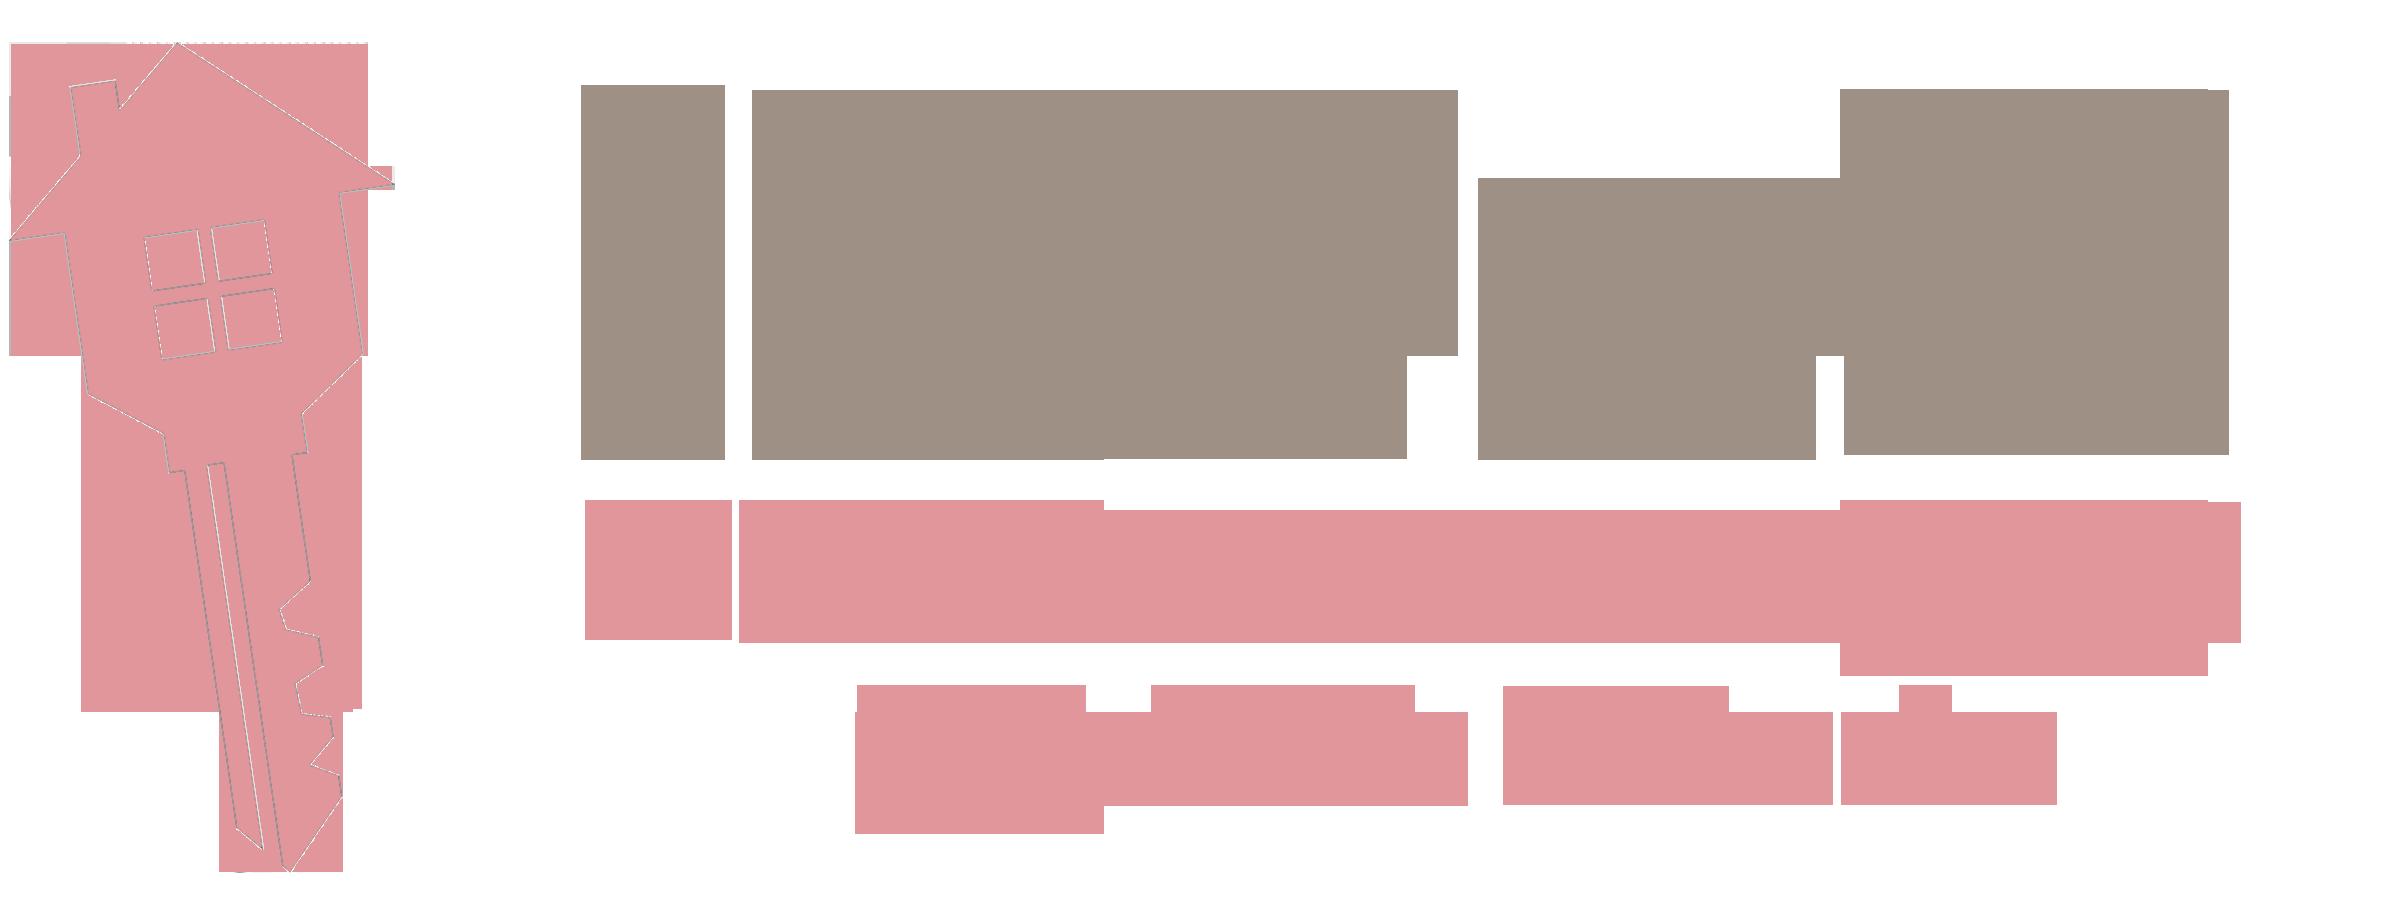 ColocTrankil